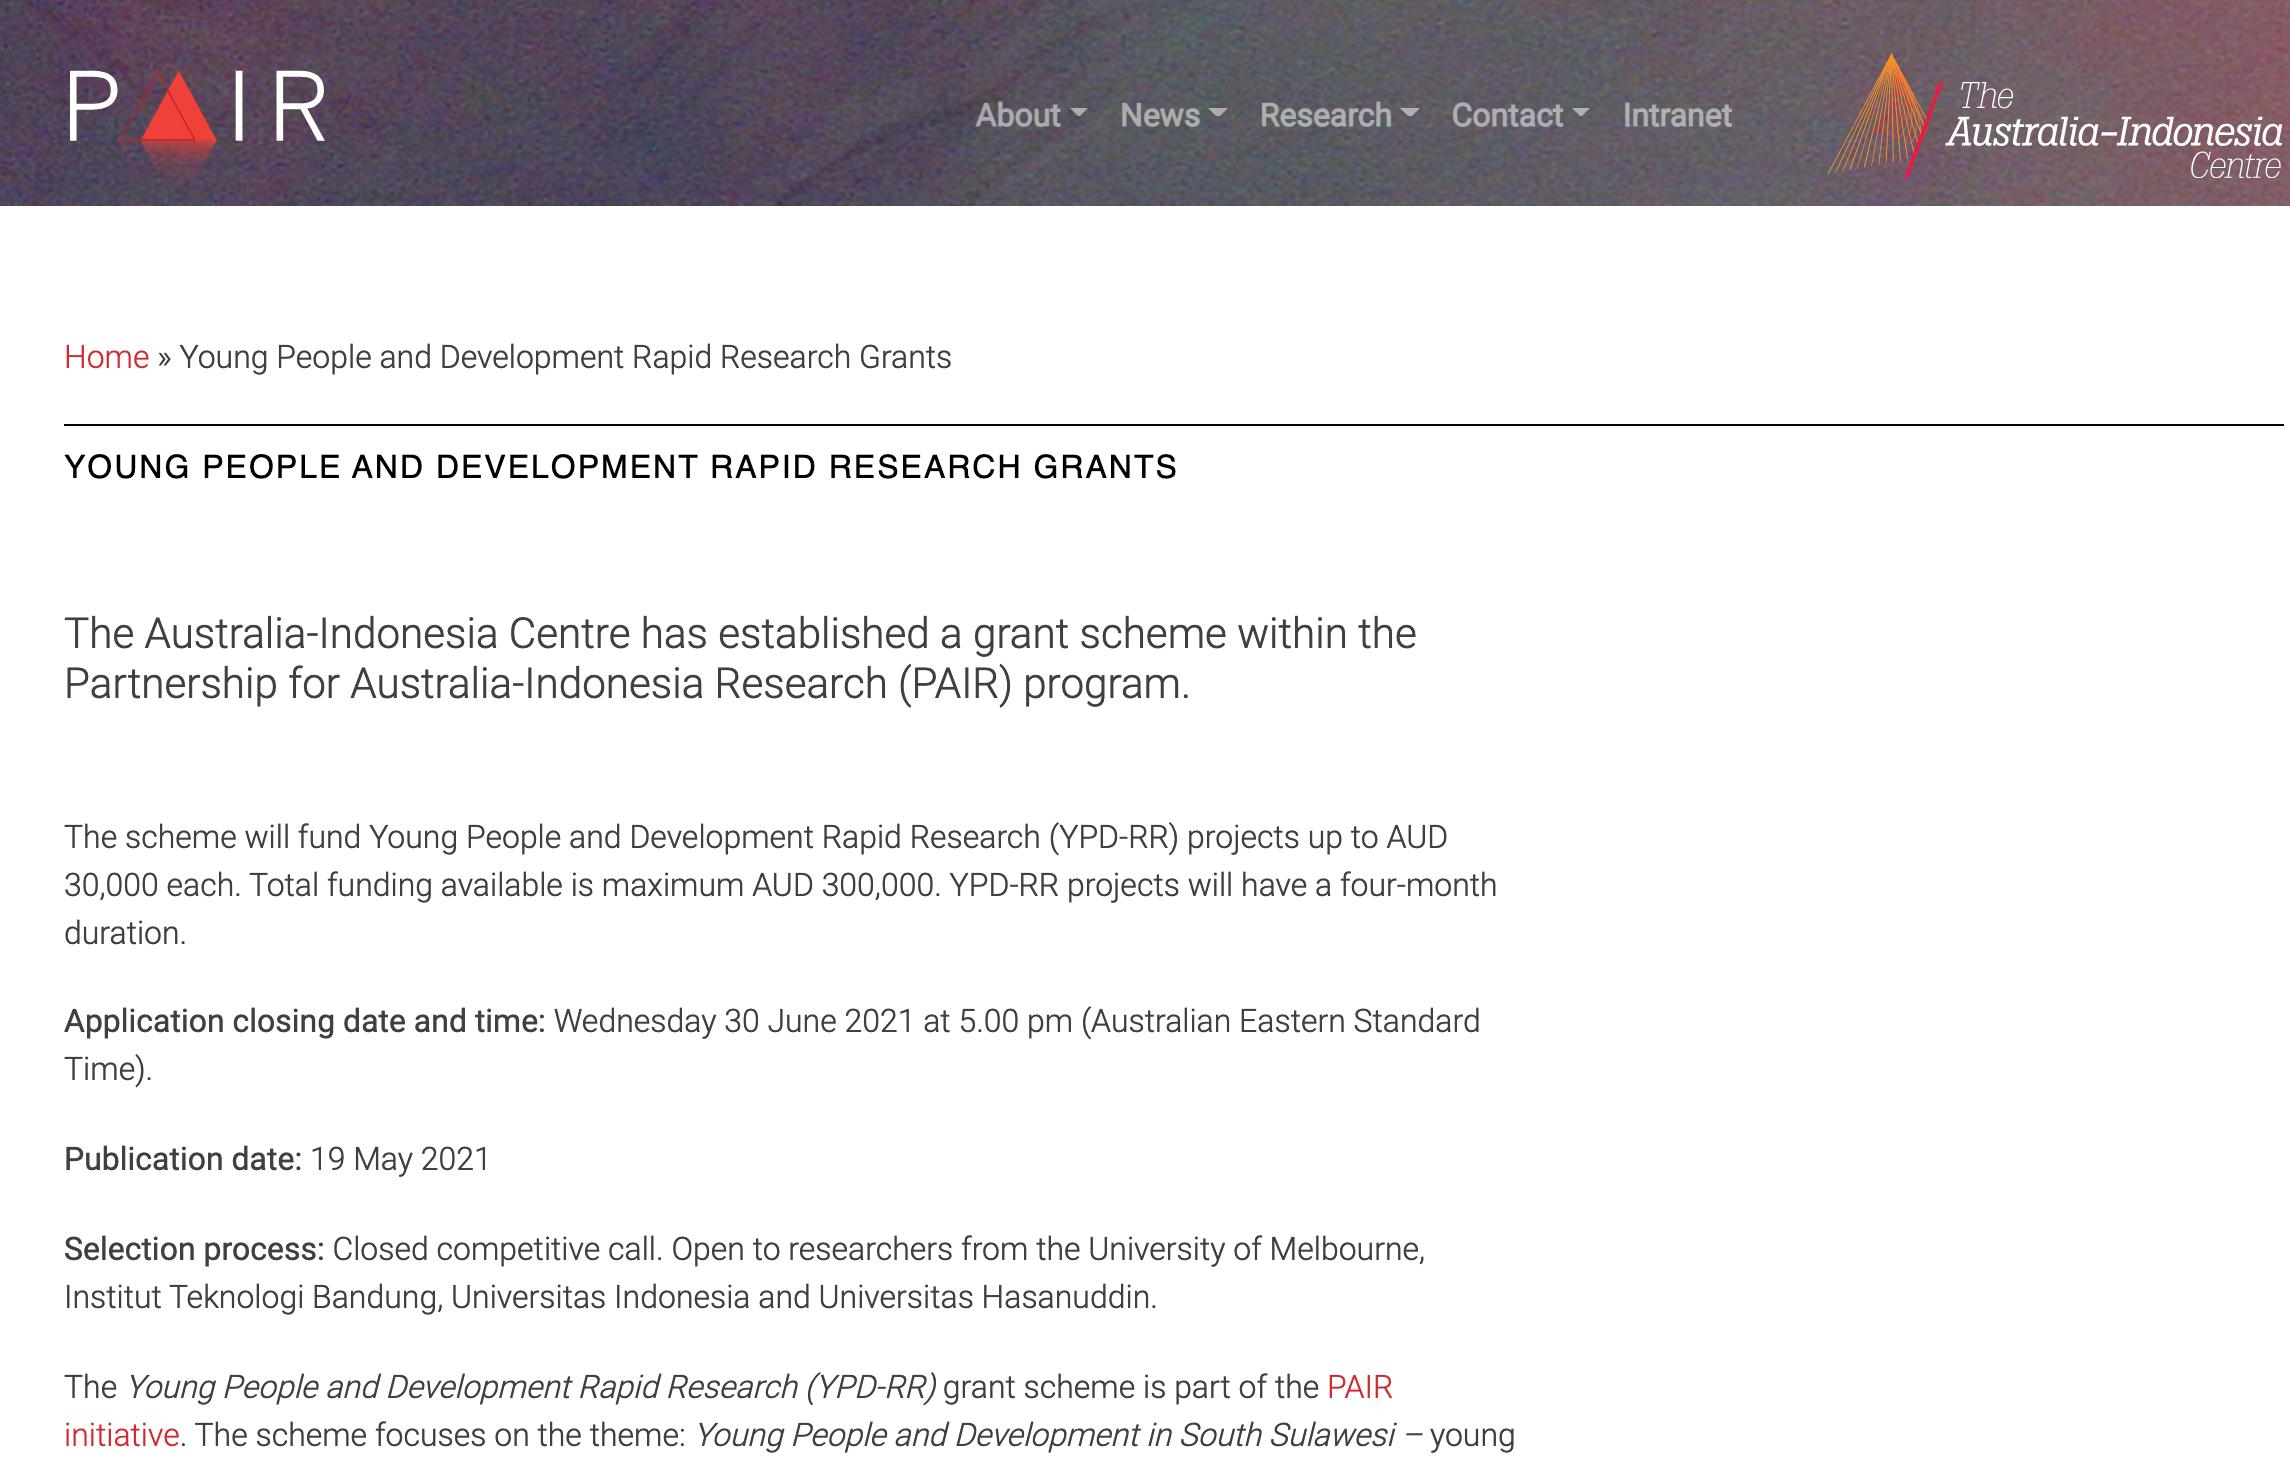 PAIR YPD-RR grant scheme